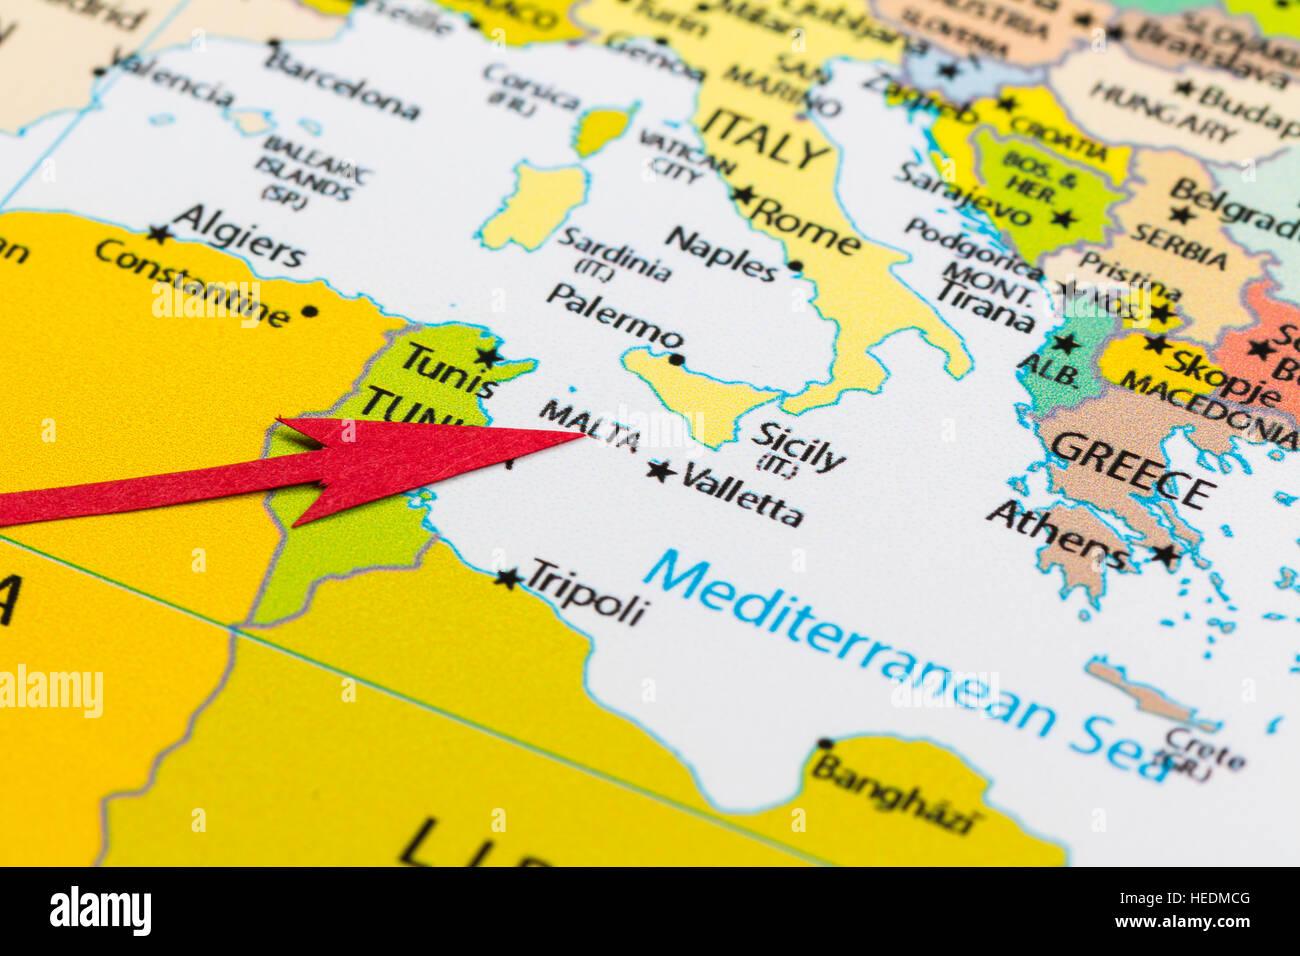 malta karte europa Roten Pfeil auf der Karte der Kontinent Europa Malta Stockfoto